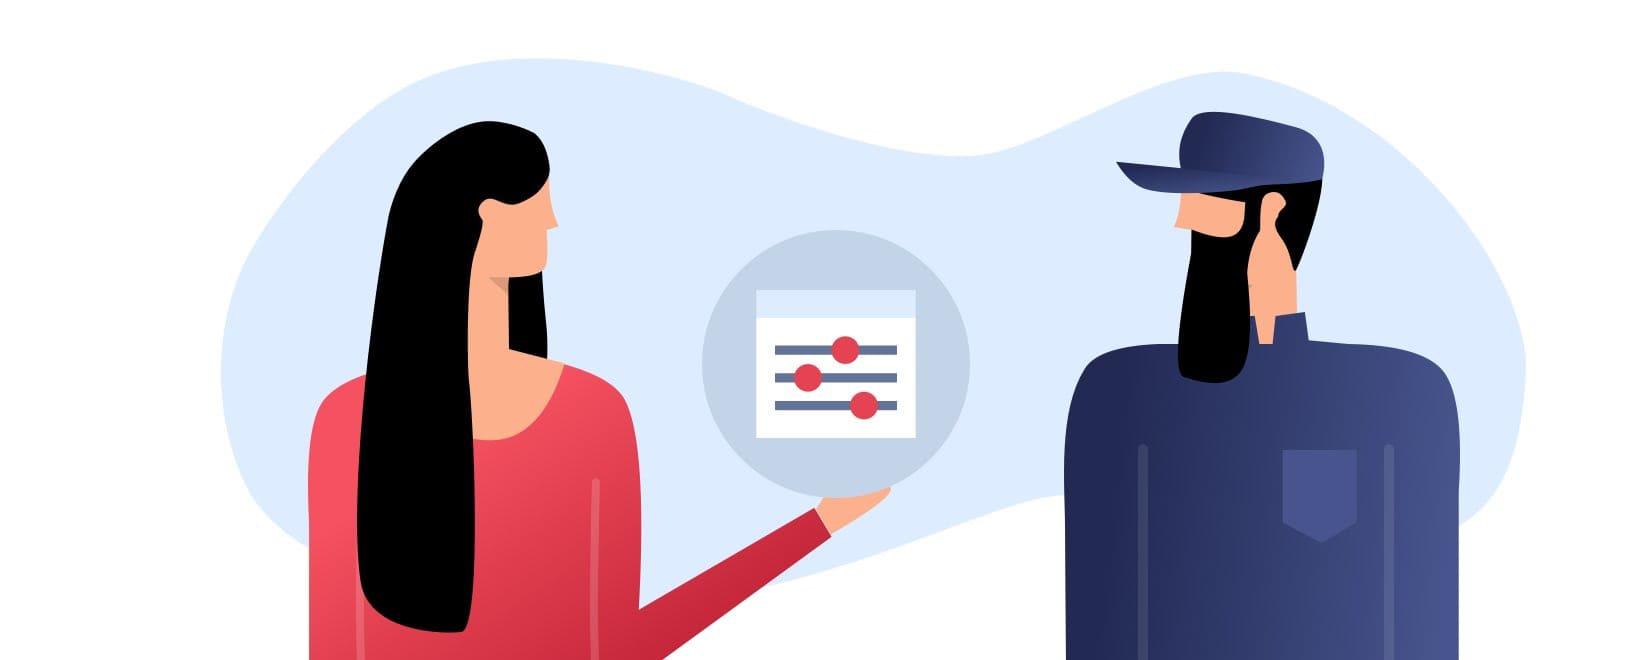 технологии участвуют в HR-процессах